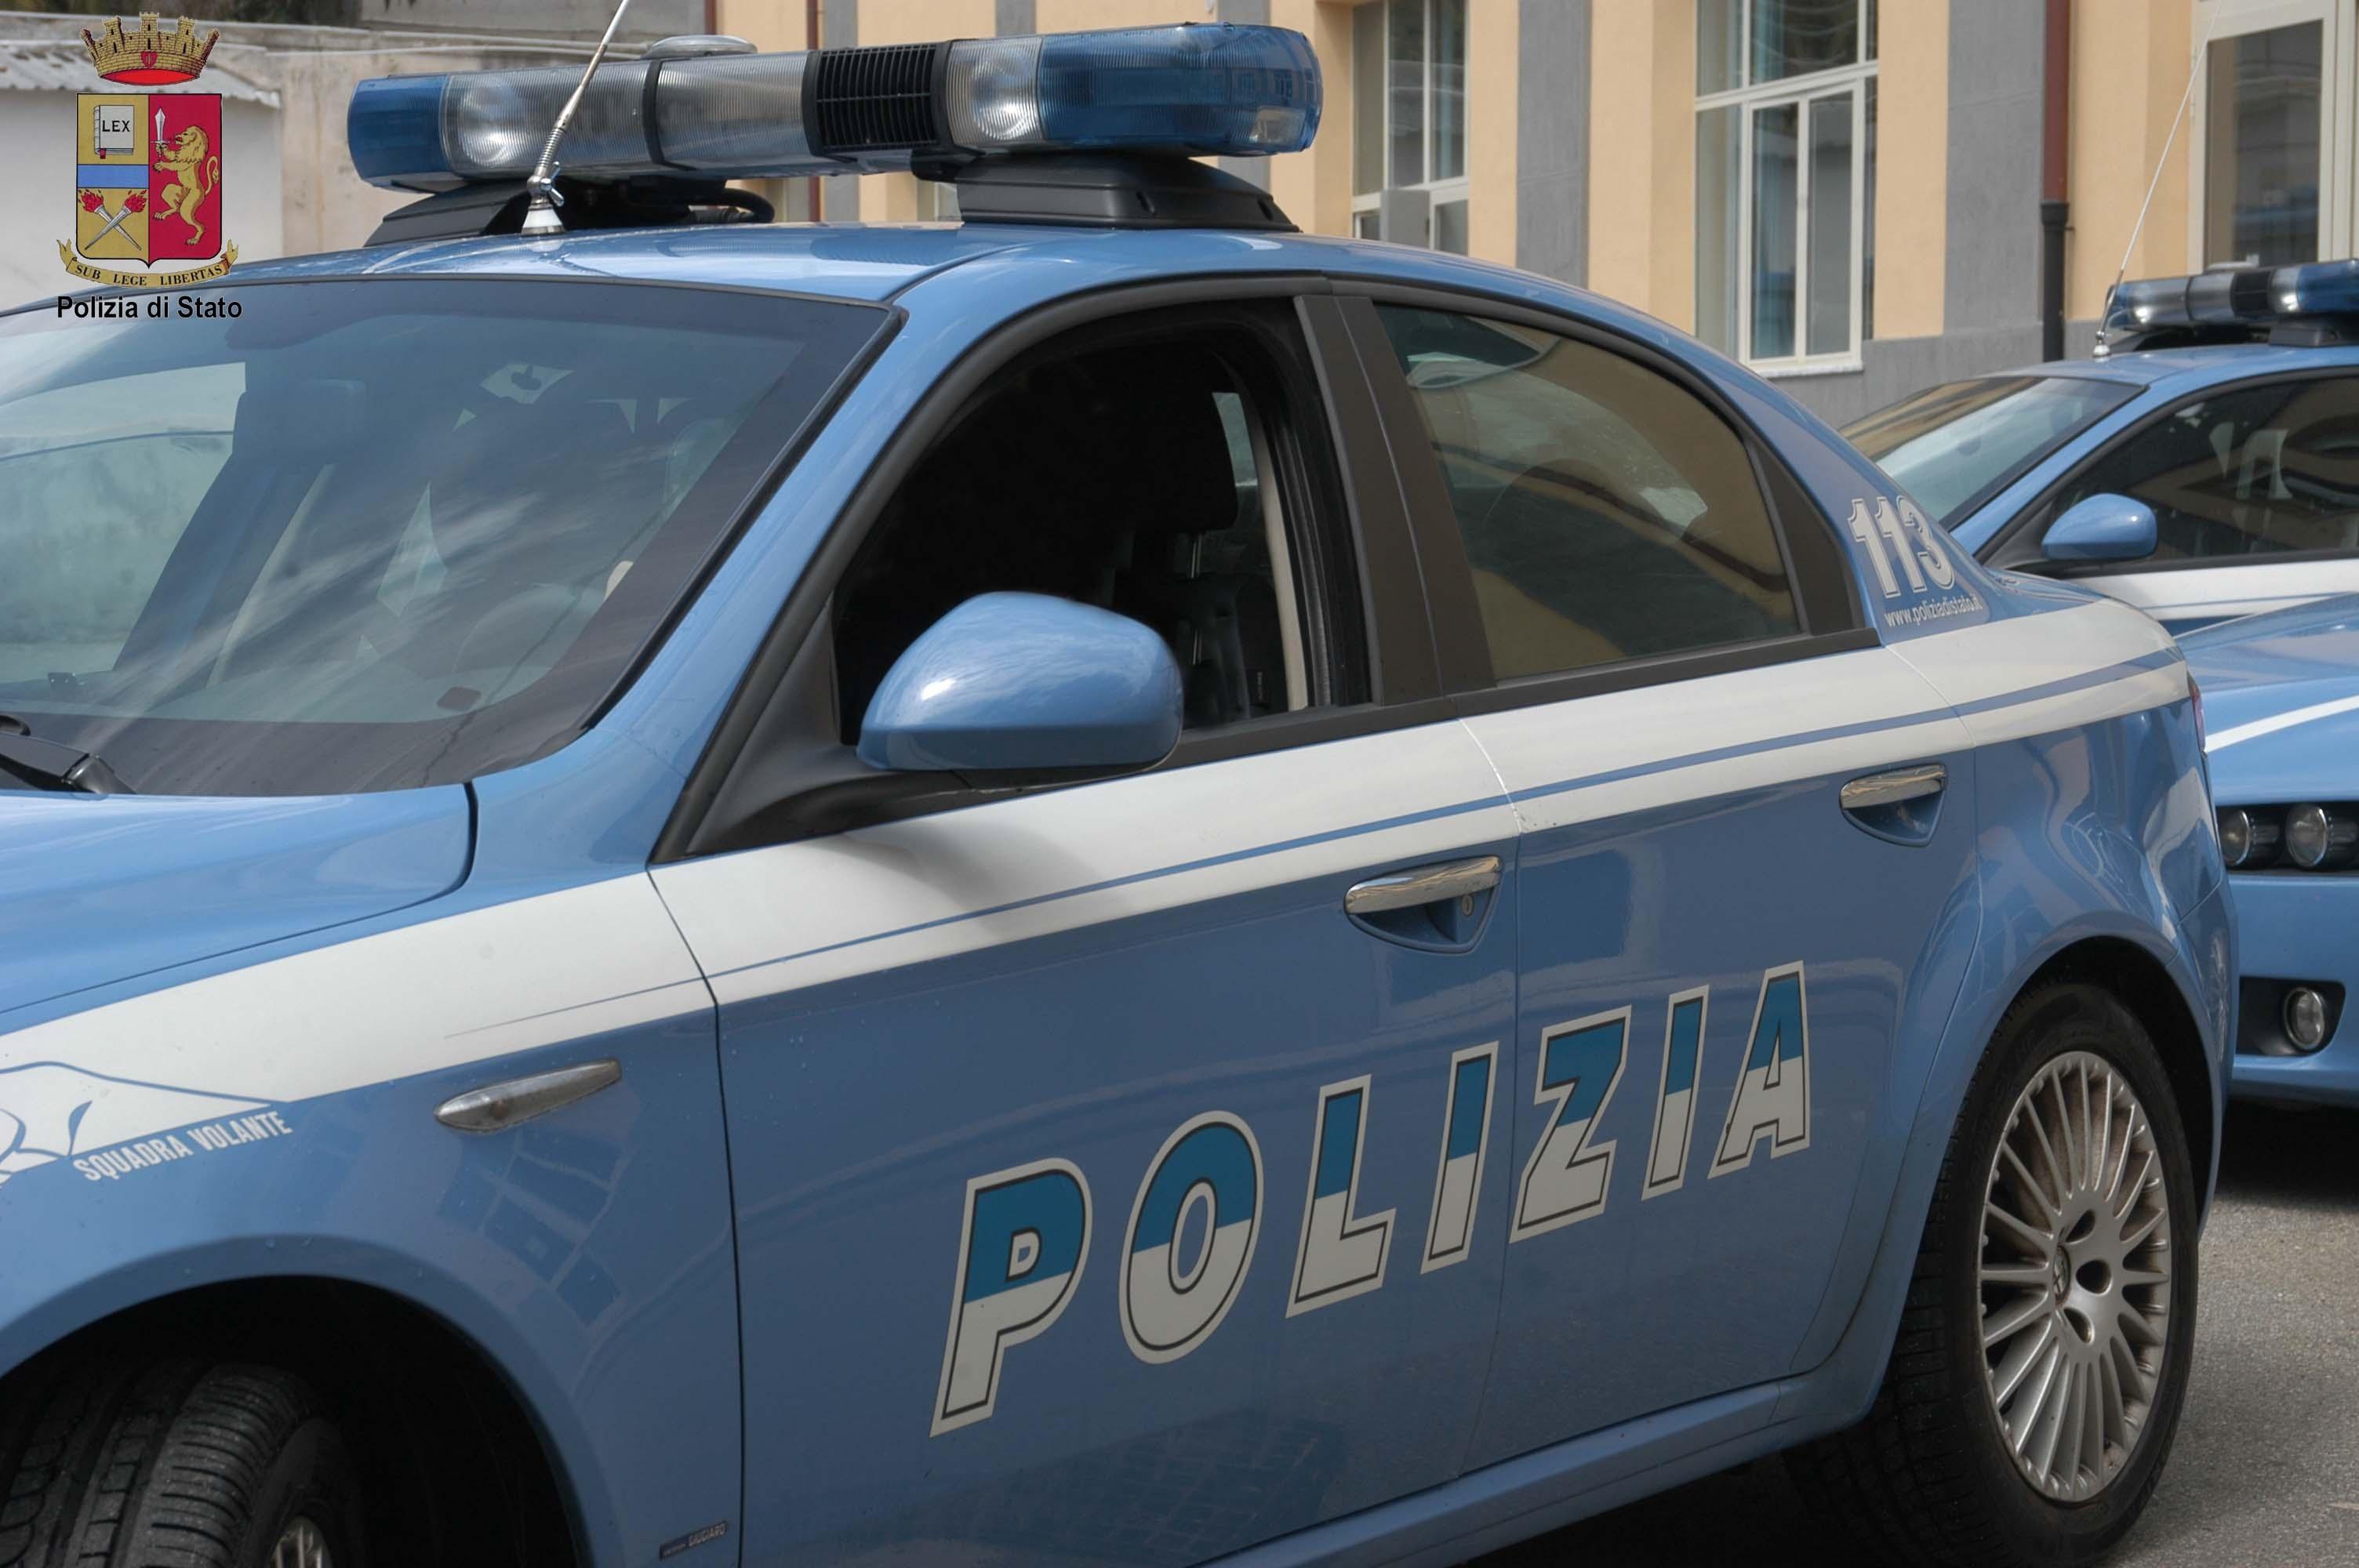 Report consuntivo dell'attività svolta dalla Polizia in Provincia di Trapani dal 20 al 26 gennaio